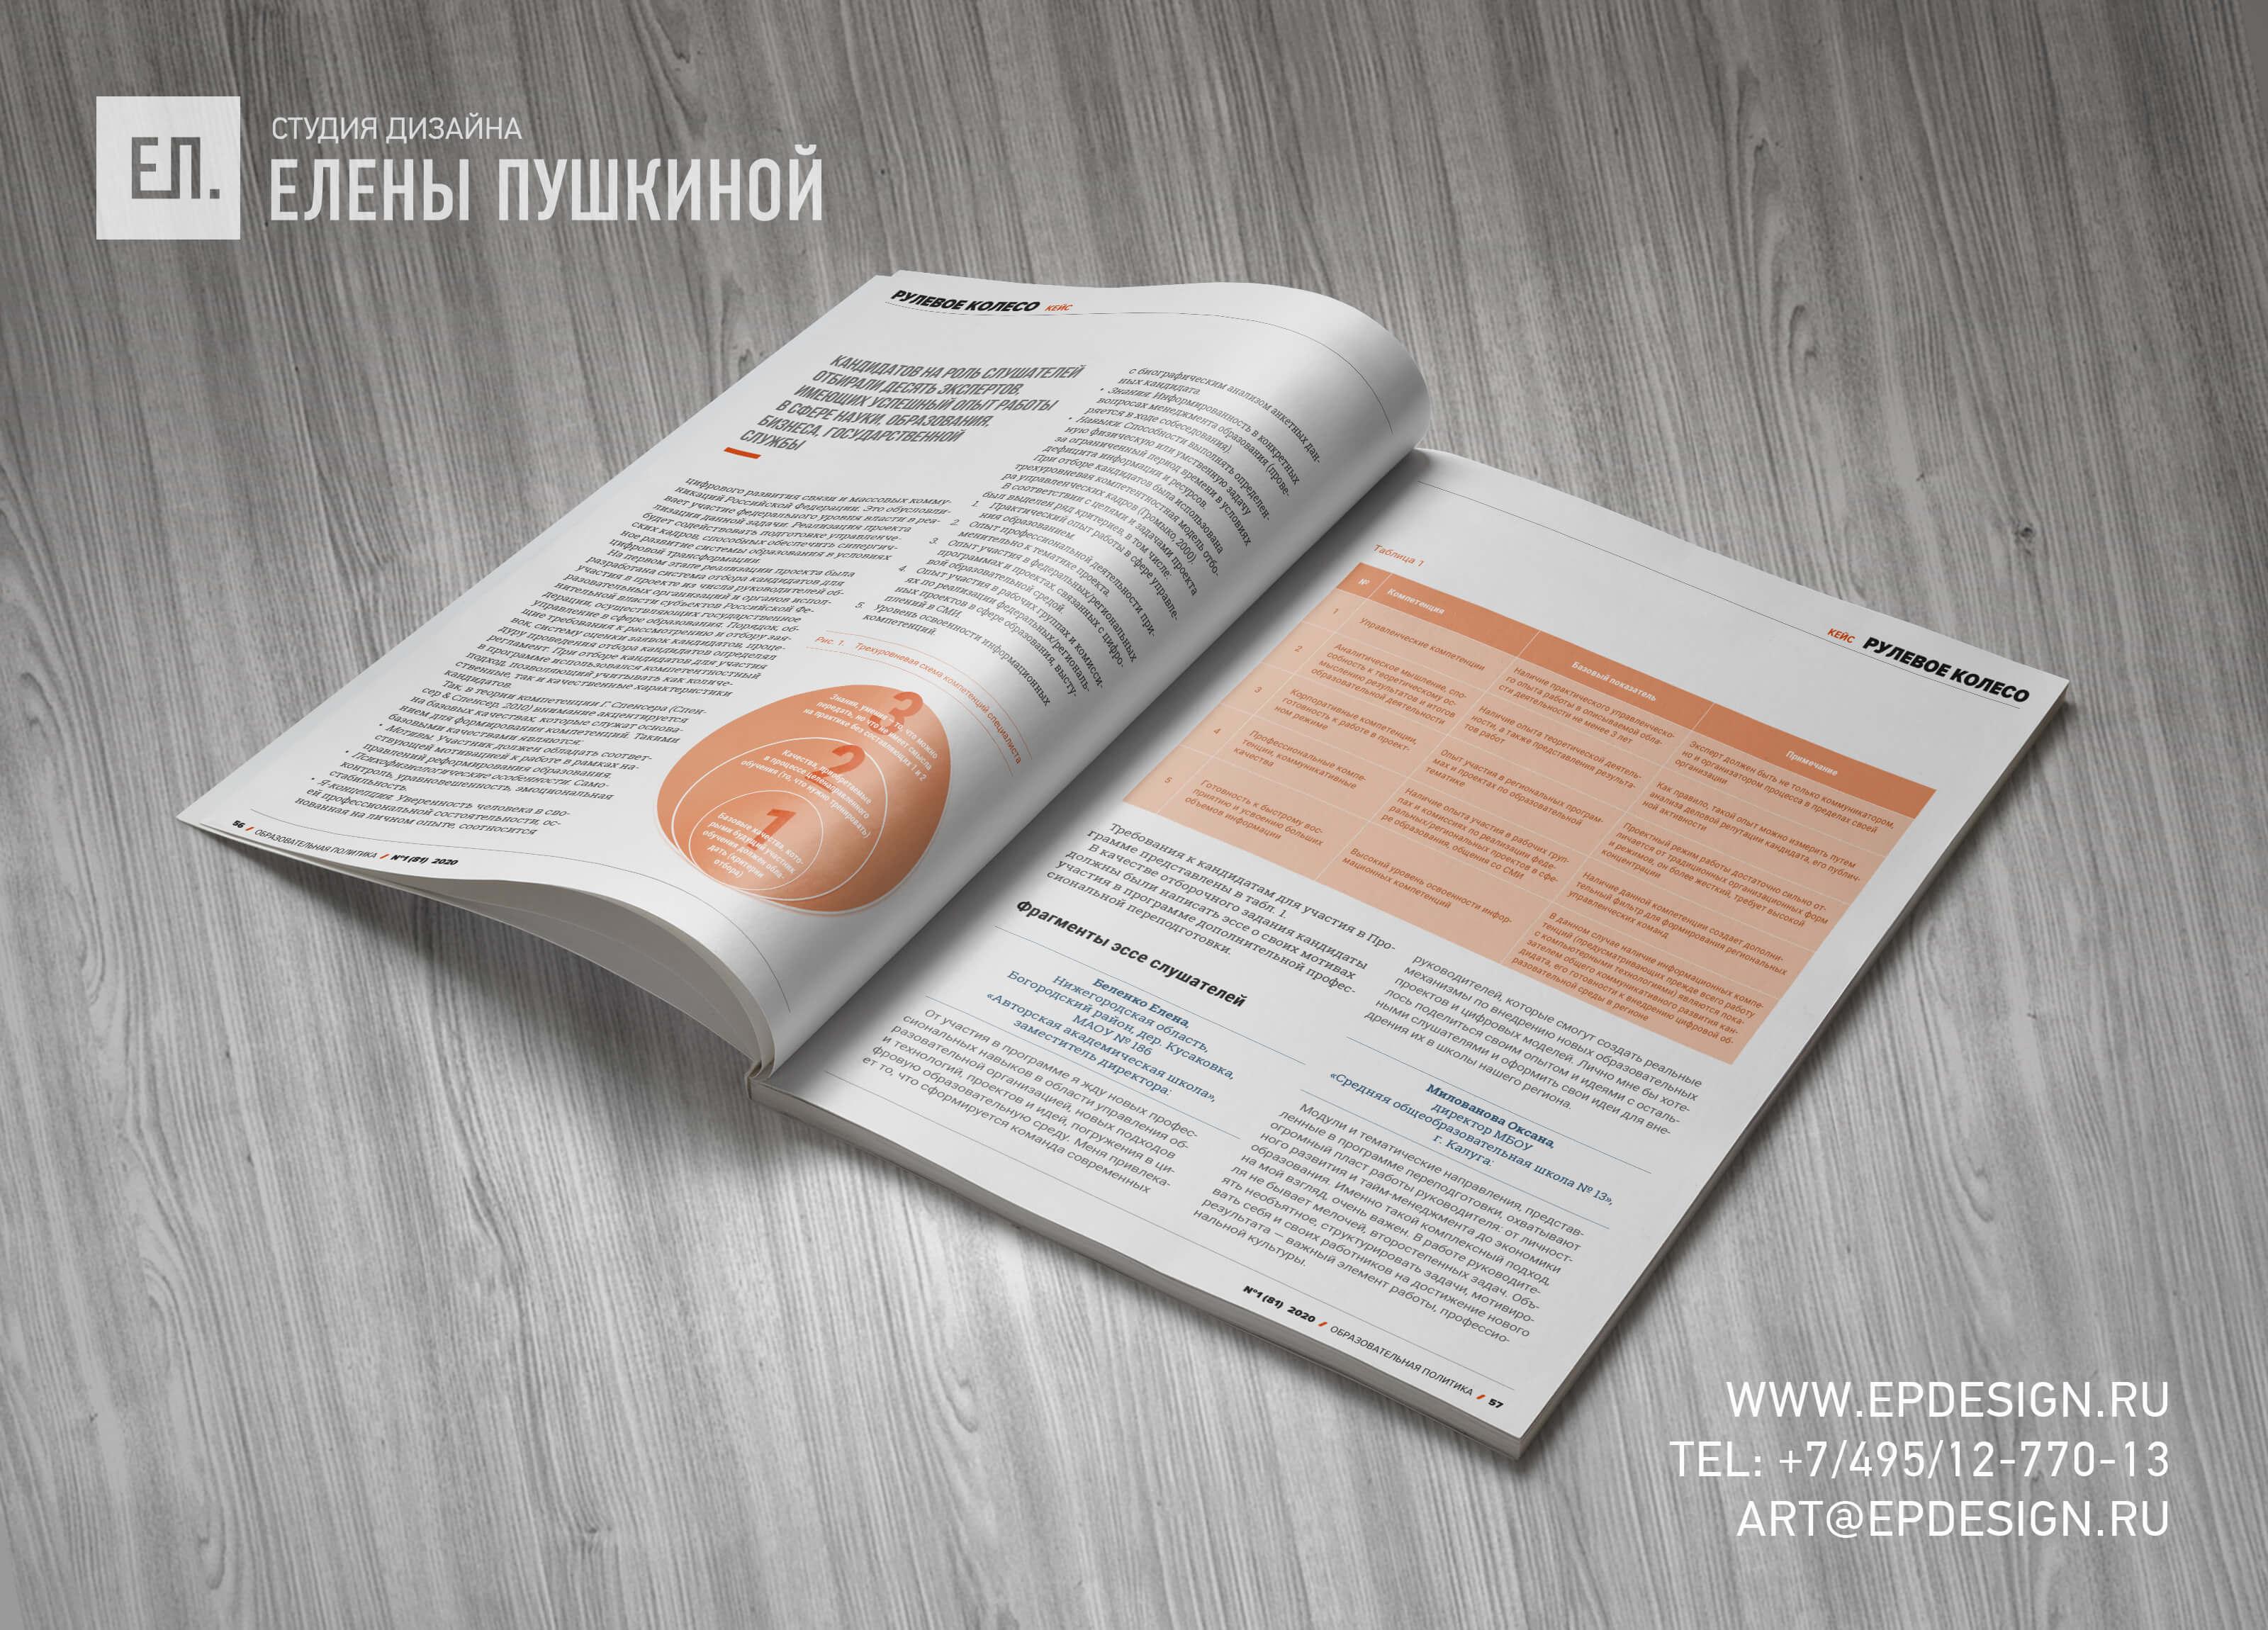 Журнал «Образовательная политика» РАНХиГС №1 (81) апрель 2020 — разработка с «нуля» логотипа, обложки, макета и вёрстка журнала Разработка журналов Портфолио